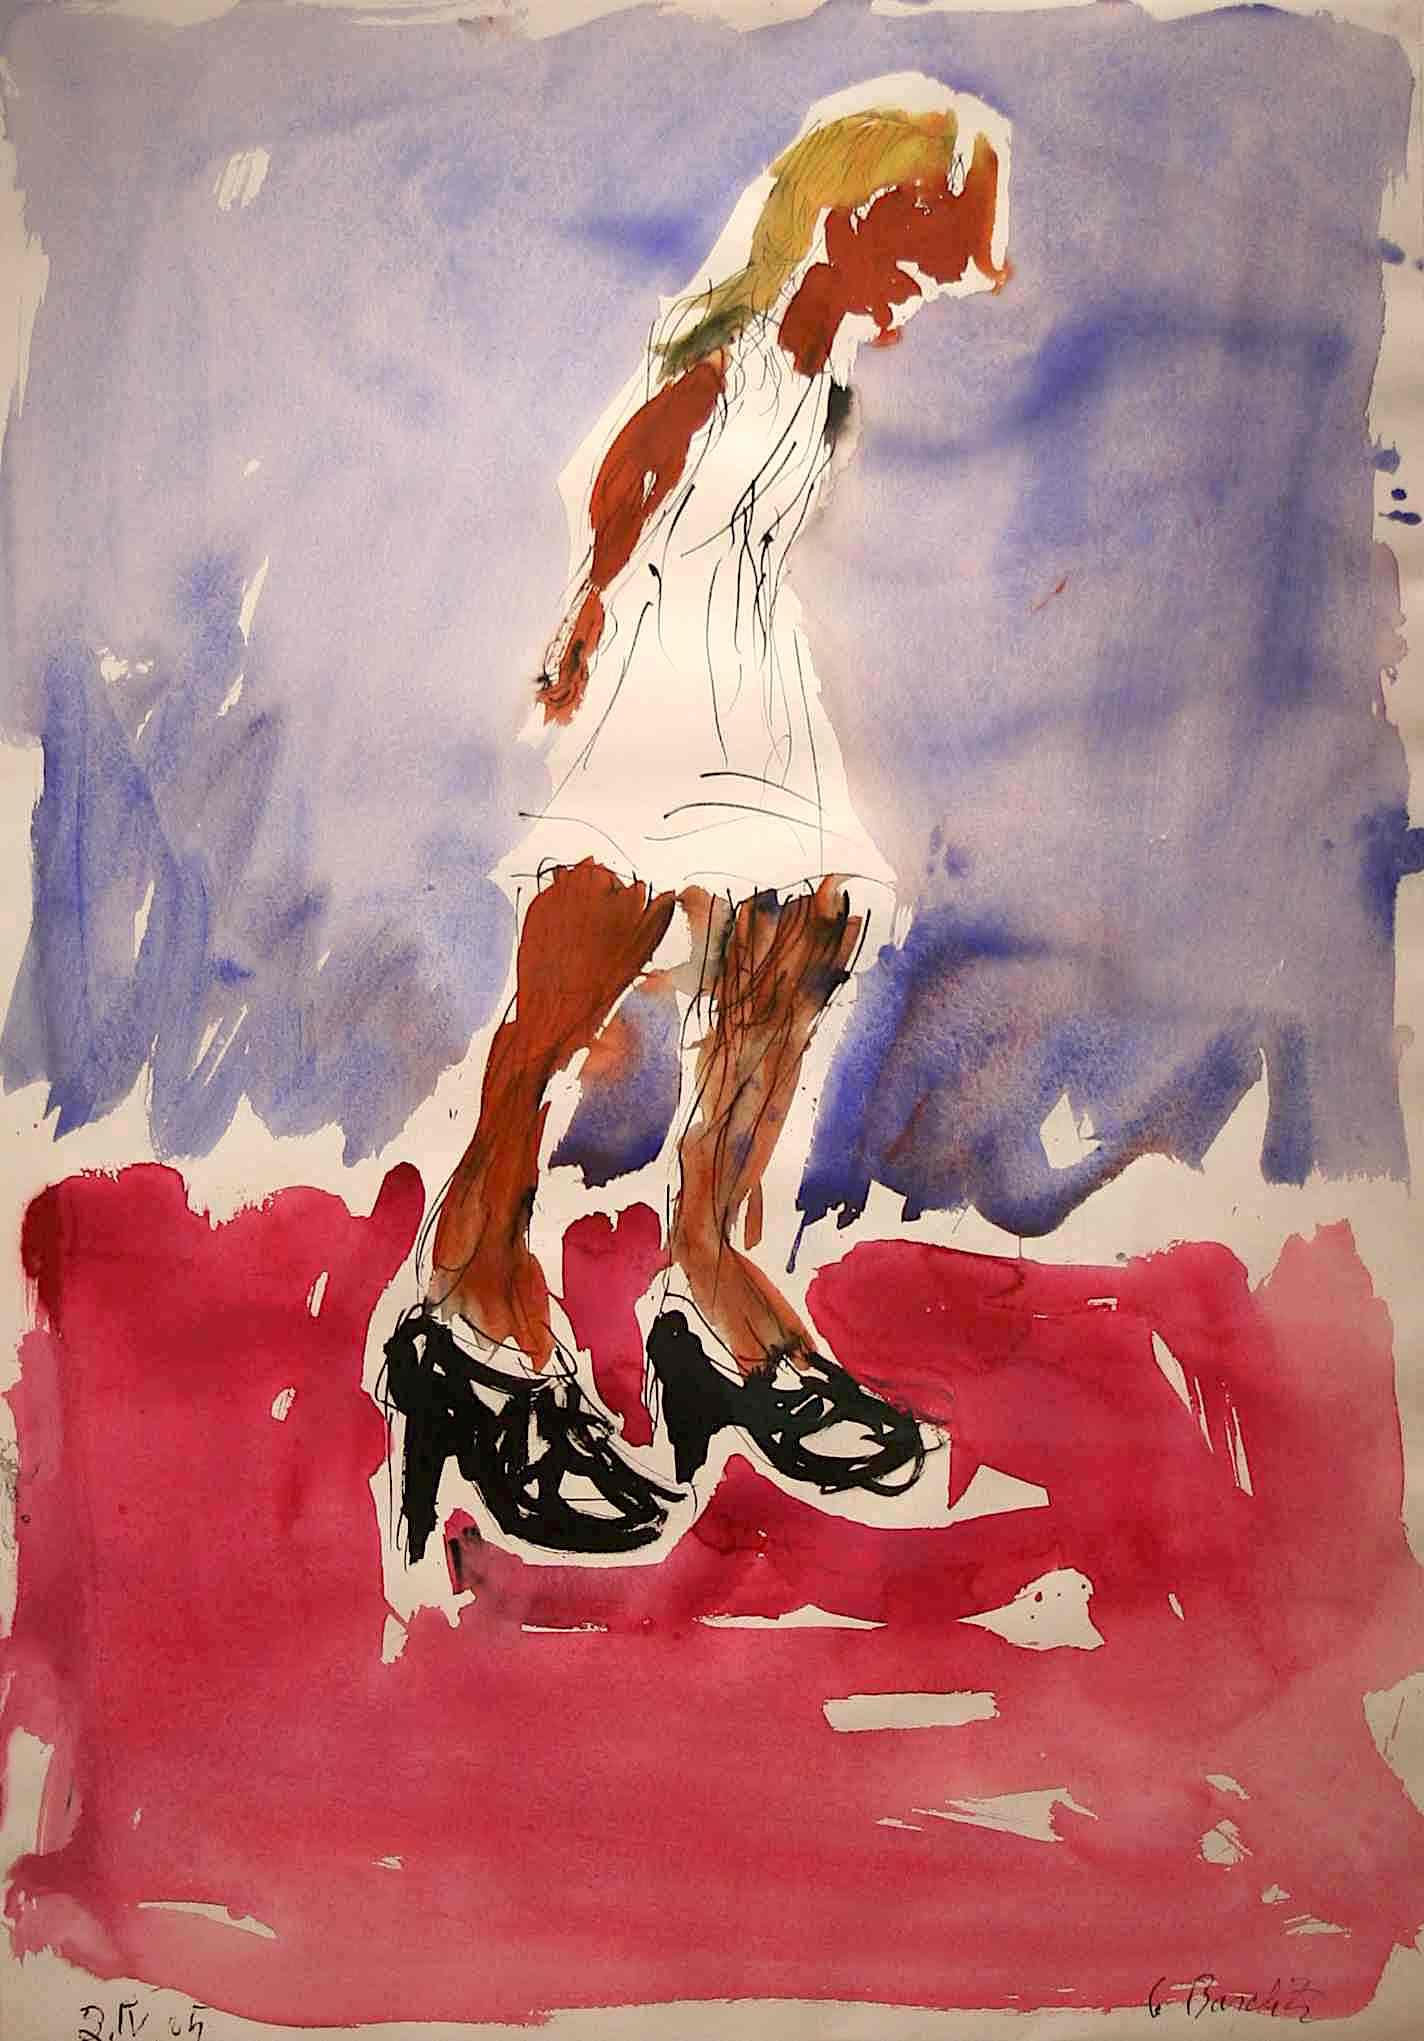 Georg Baselitz Ohne Titel, 2005 Aquarell und Tuscheauf Papier 100 x 70 cm | 39 1/3 x 27 1/2 in gerahmt: gerahmt | framed GB/P 1